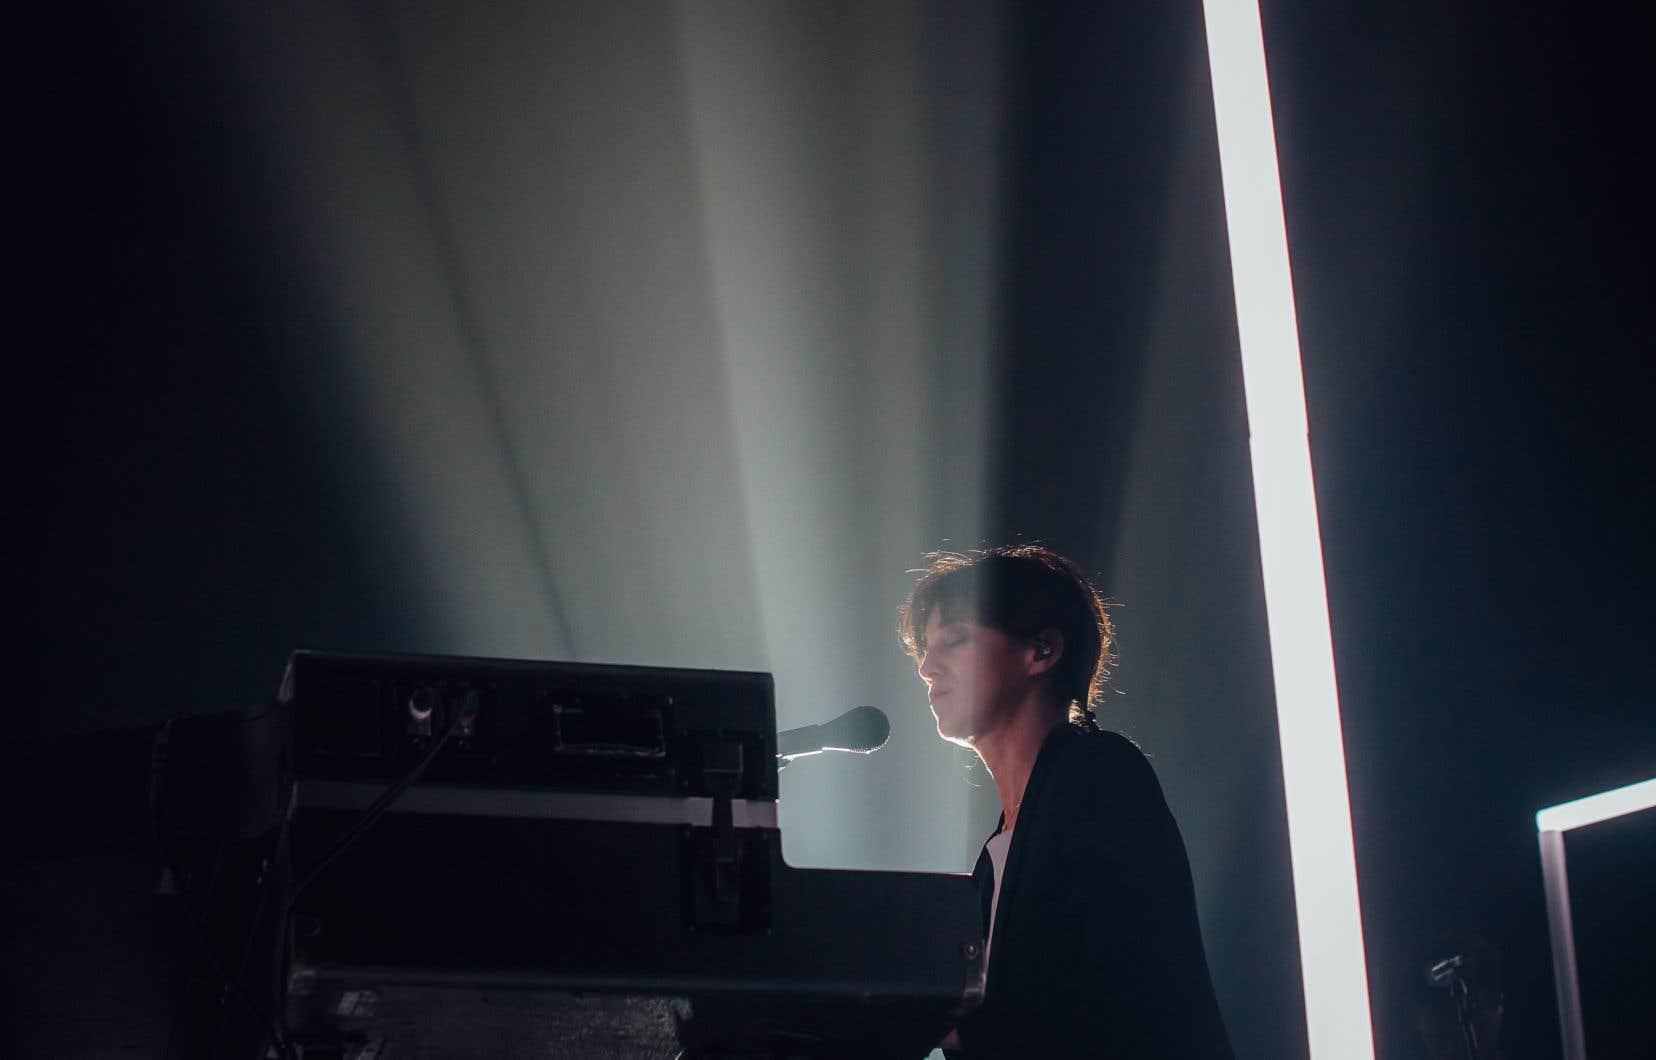 De grands carrés aux contours lumineux nous cachent Charlotte Gainsbourg, qui s'est produite au MTelus mardi soir.